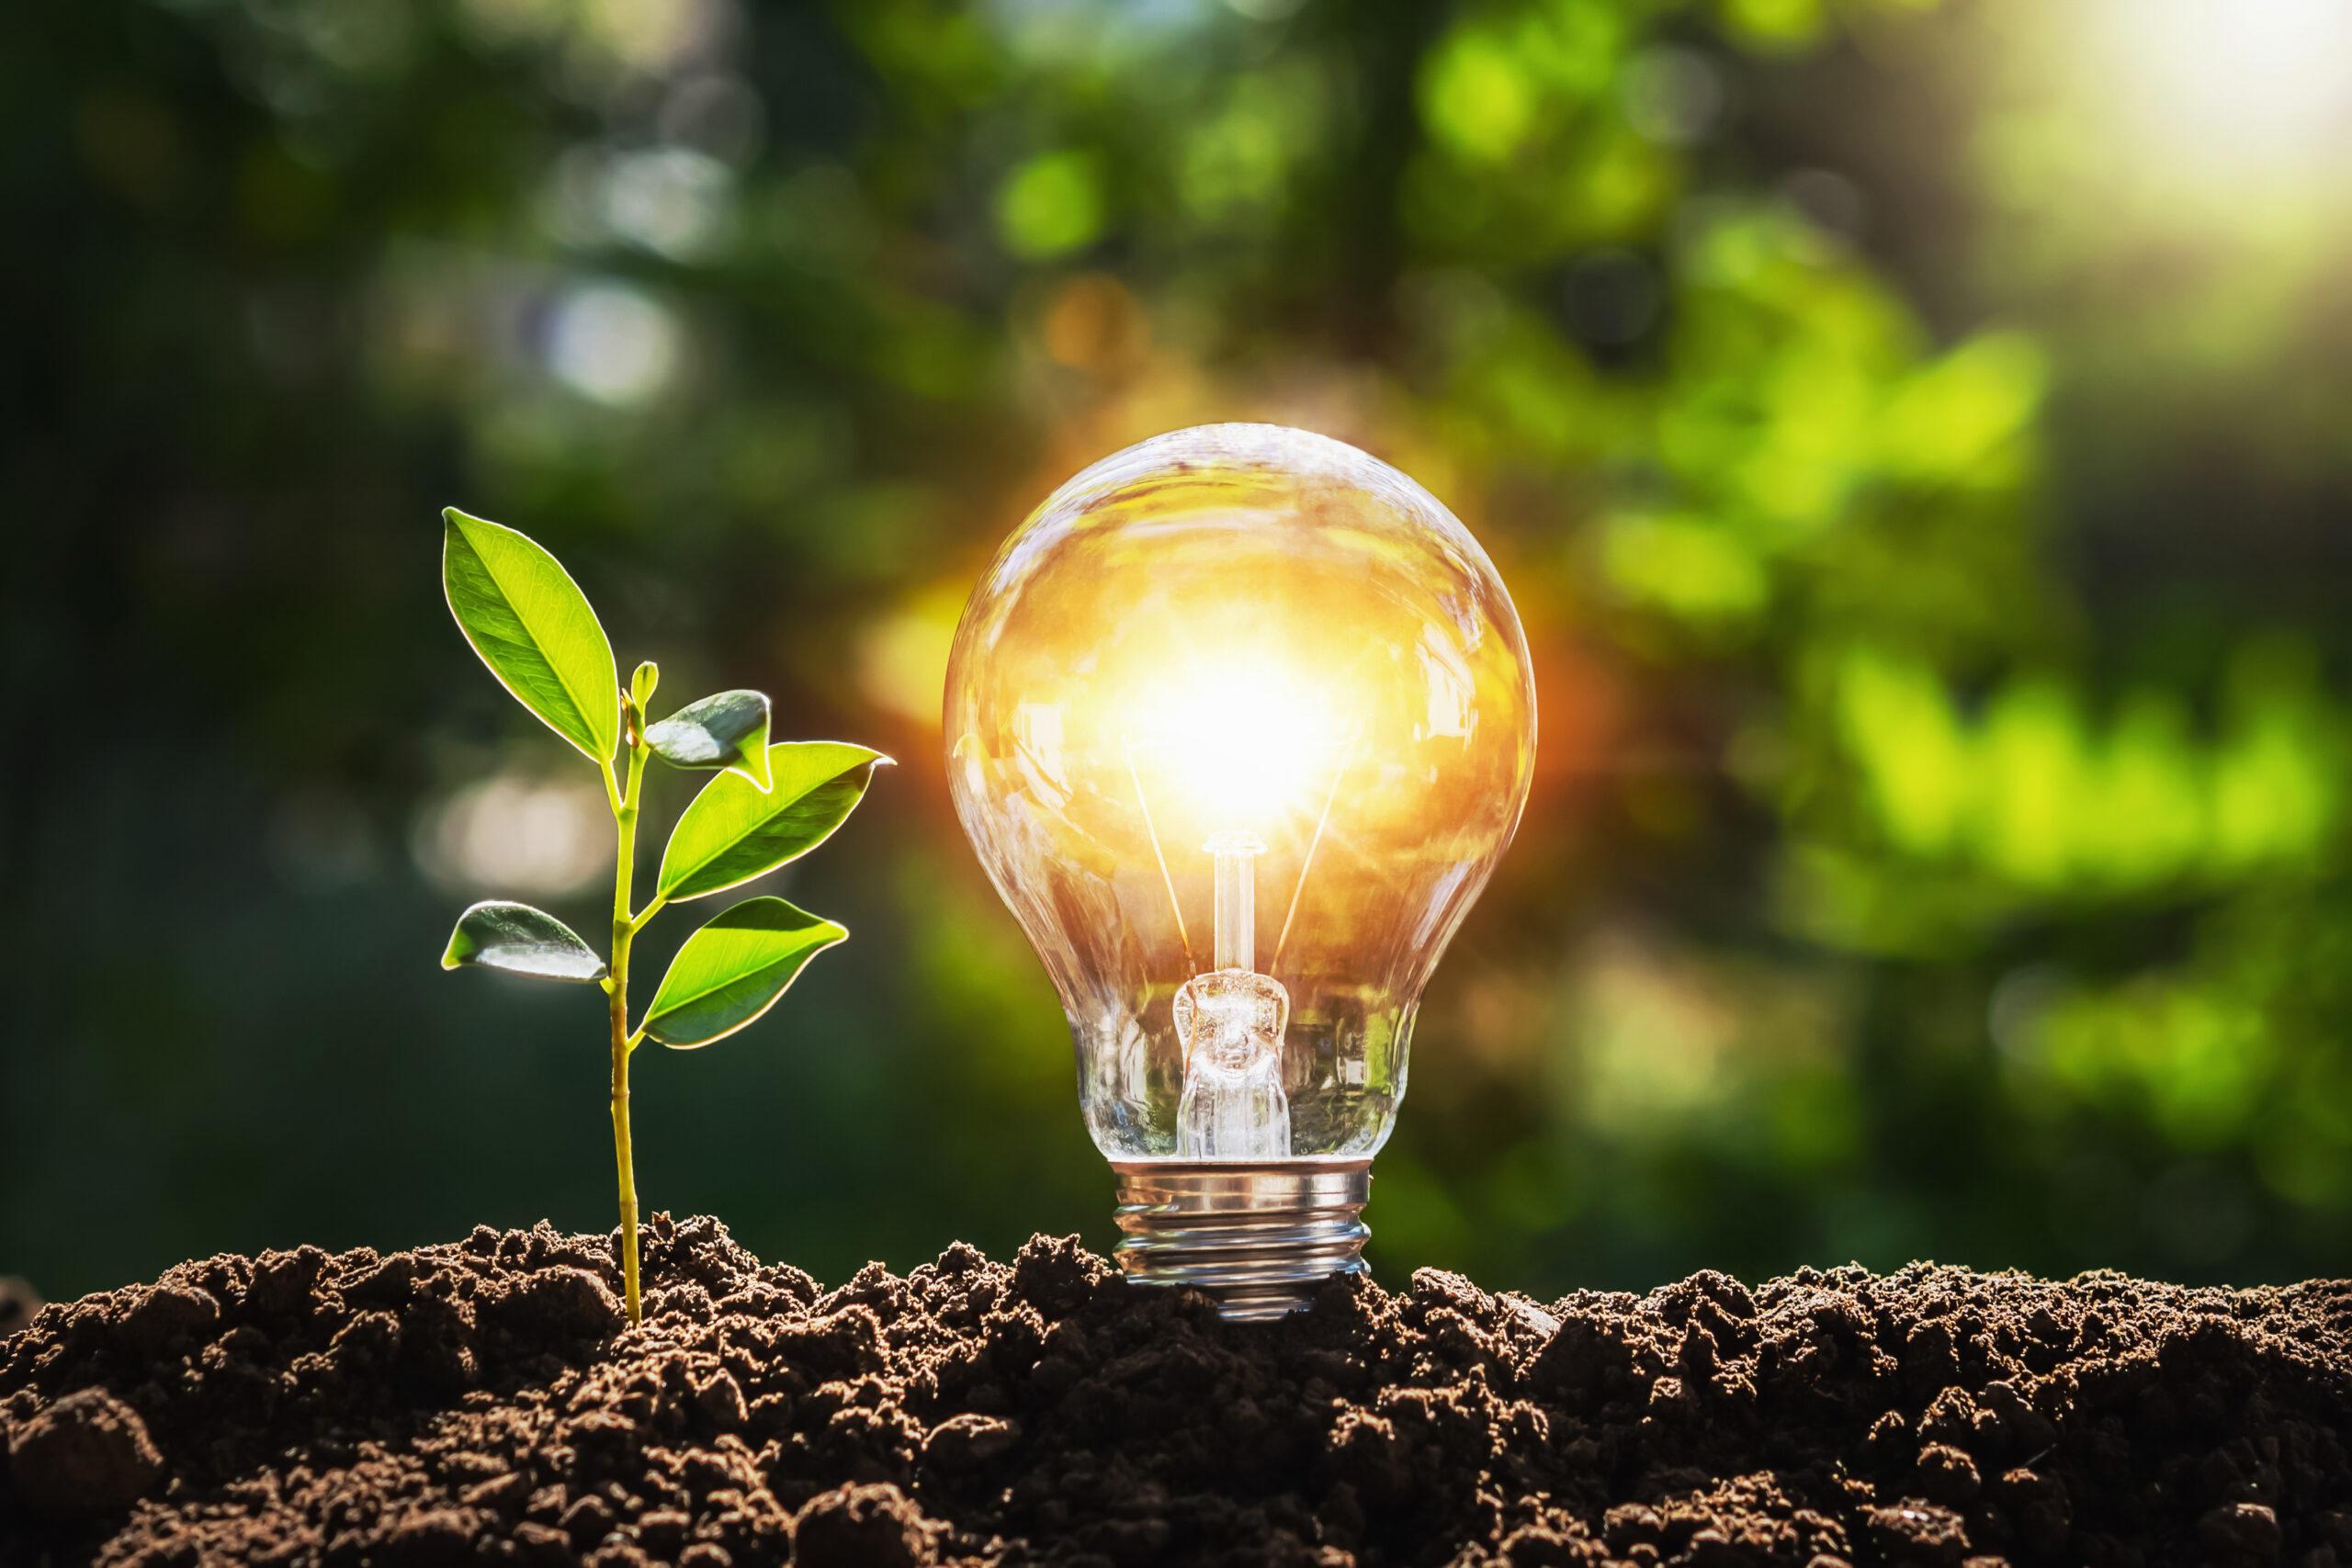 Light bulb next to grass